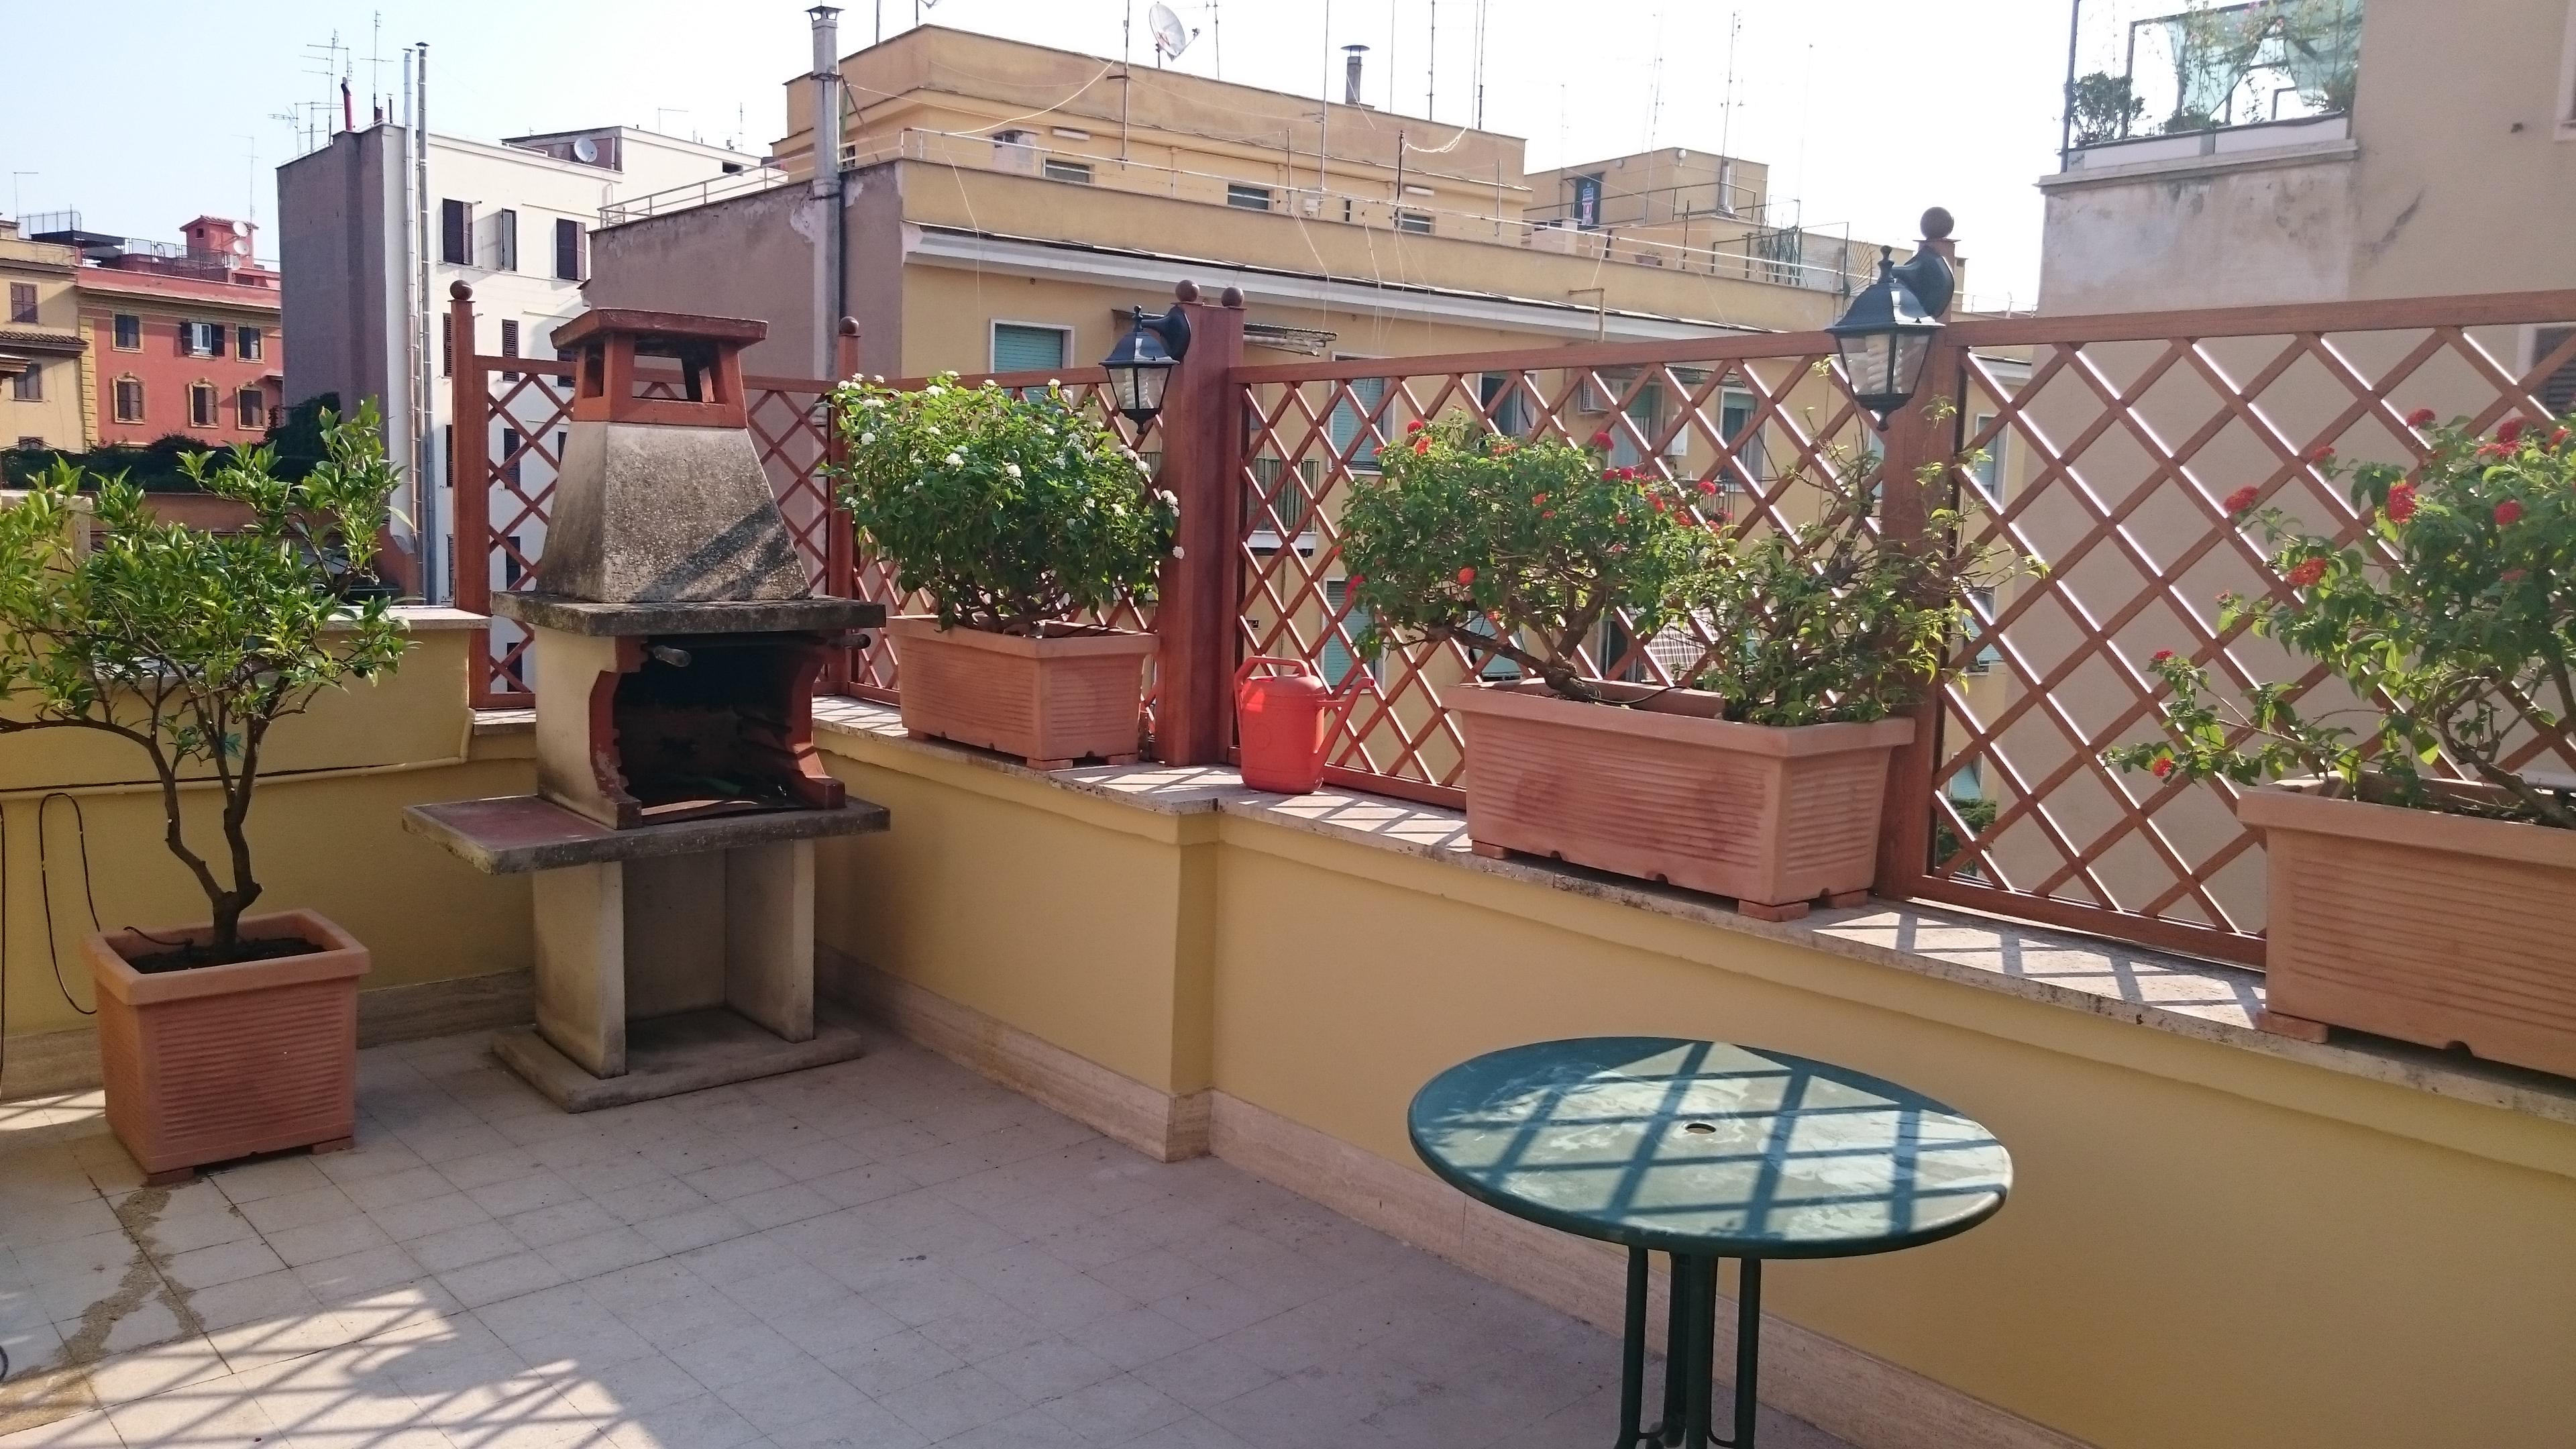 Grigliato montato sul muro del terrazzo, su cui poggiano delle fioriere